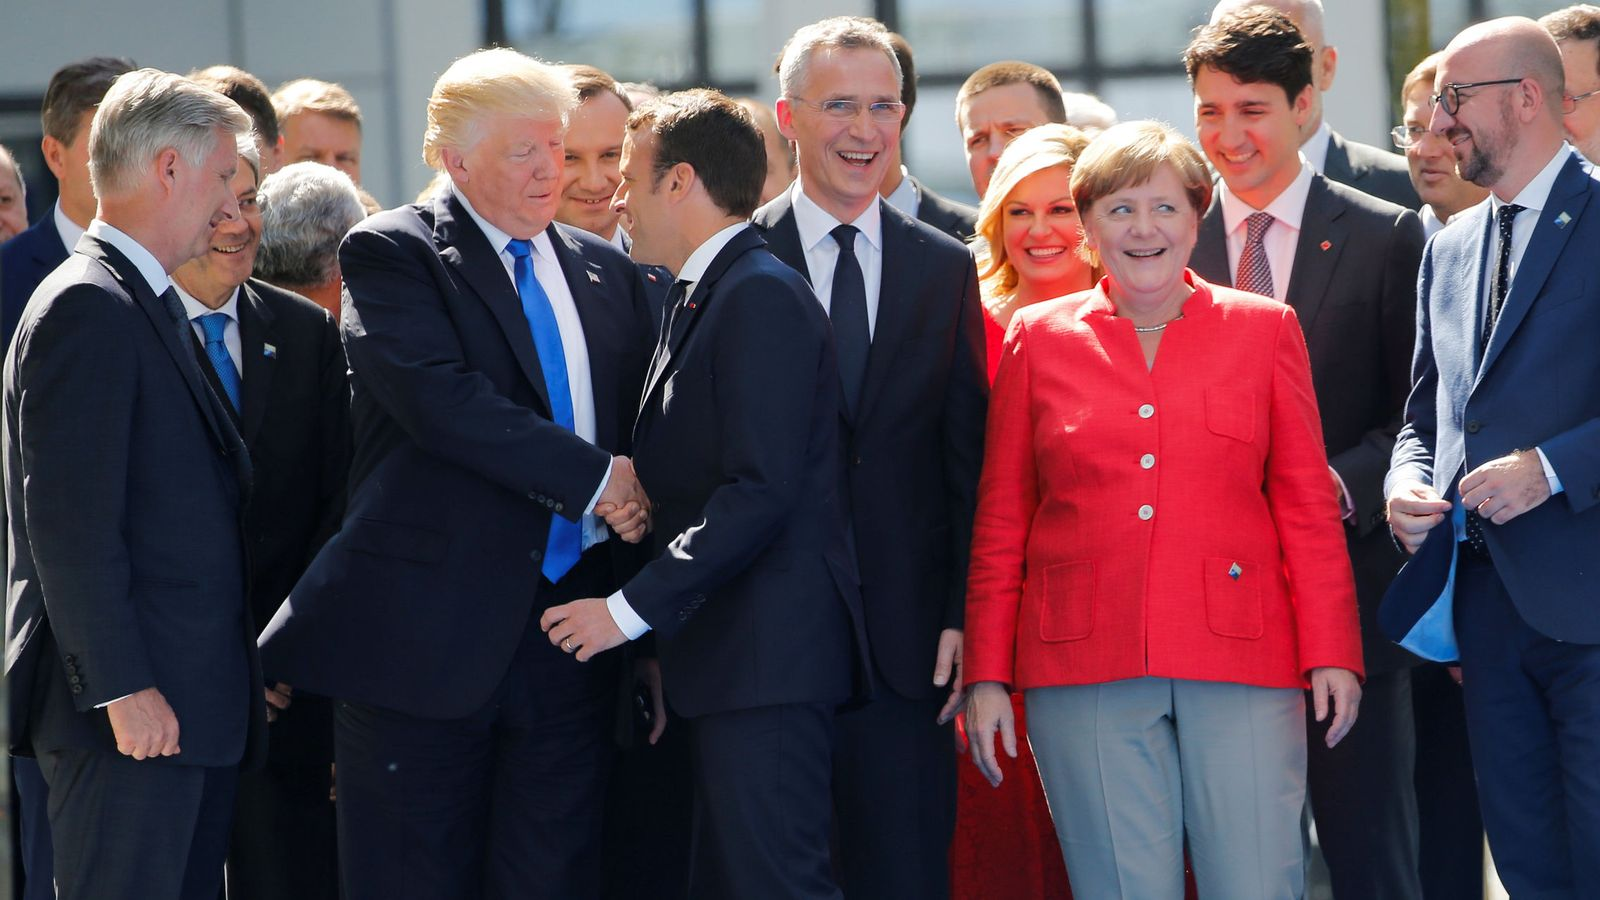 Los grandes líderes Europeos compiten entre si por la atencion de Trump El-dia-que-macron-demostro-a-trump-que-podia-ser-tan-chulo-como-el